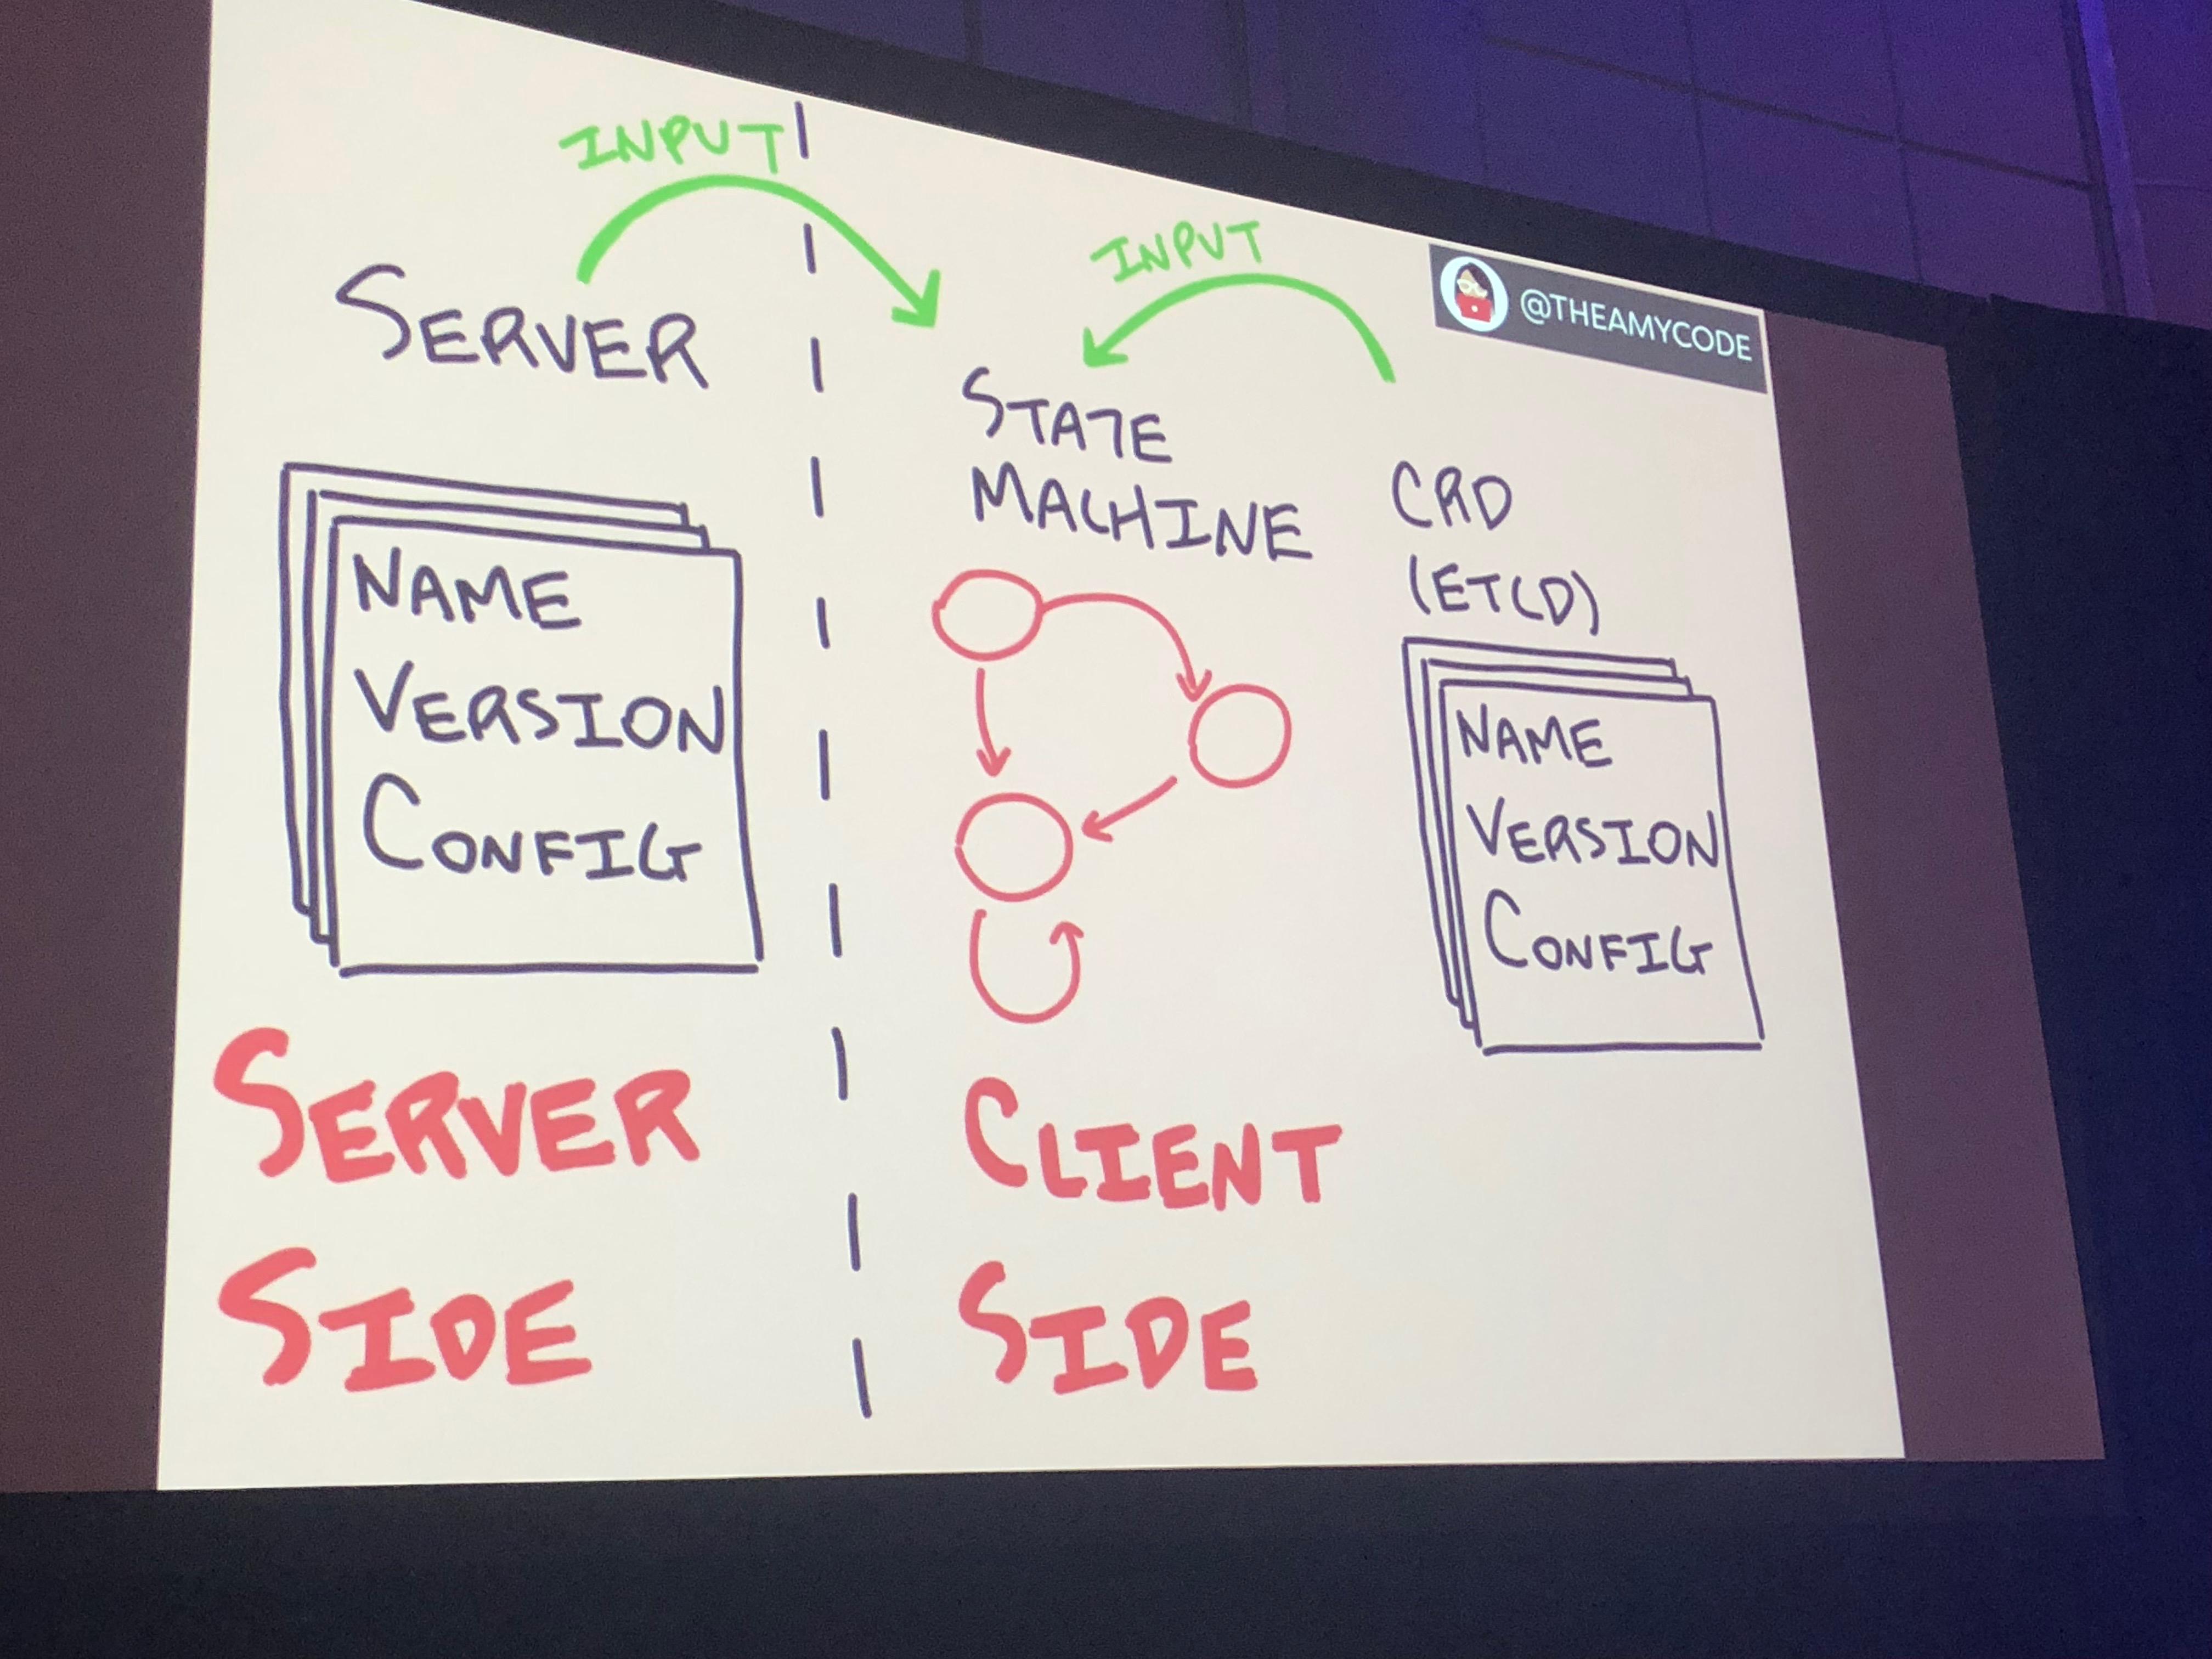 Server side / client side